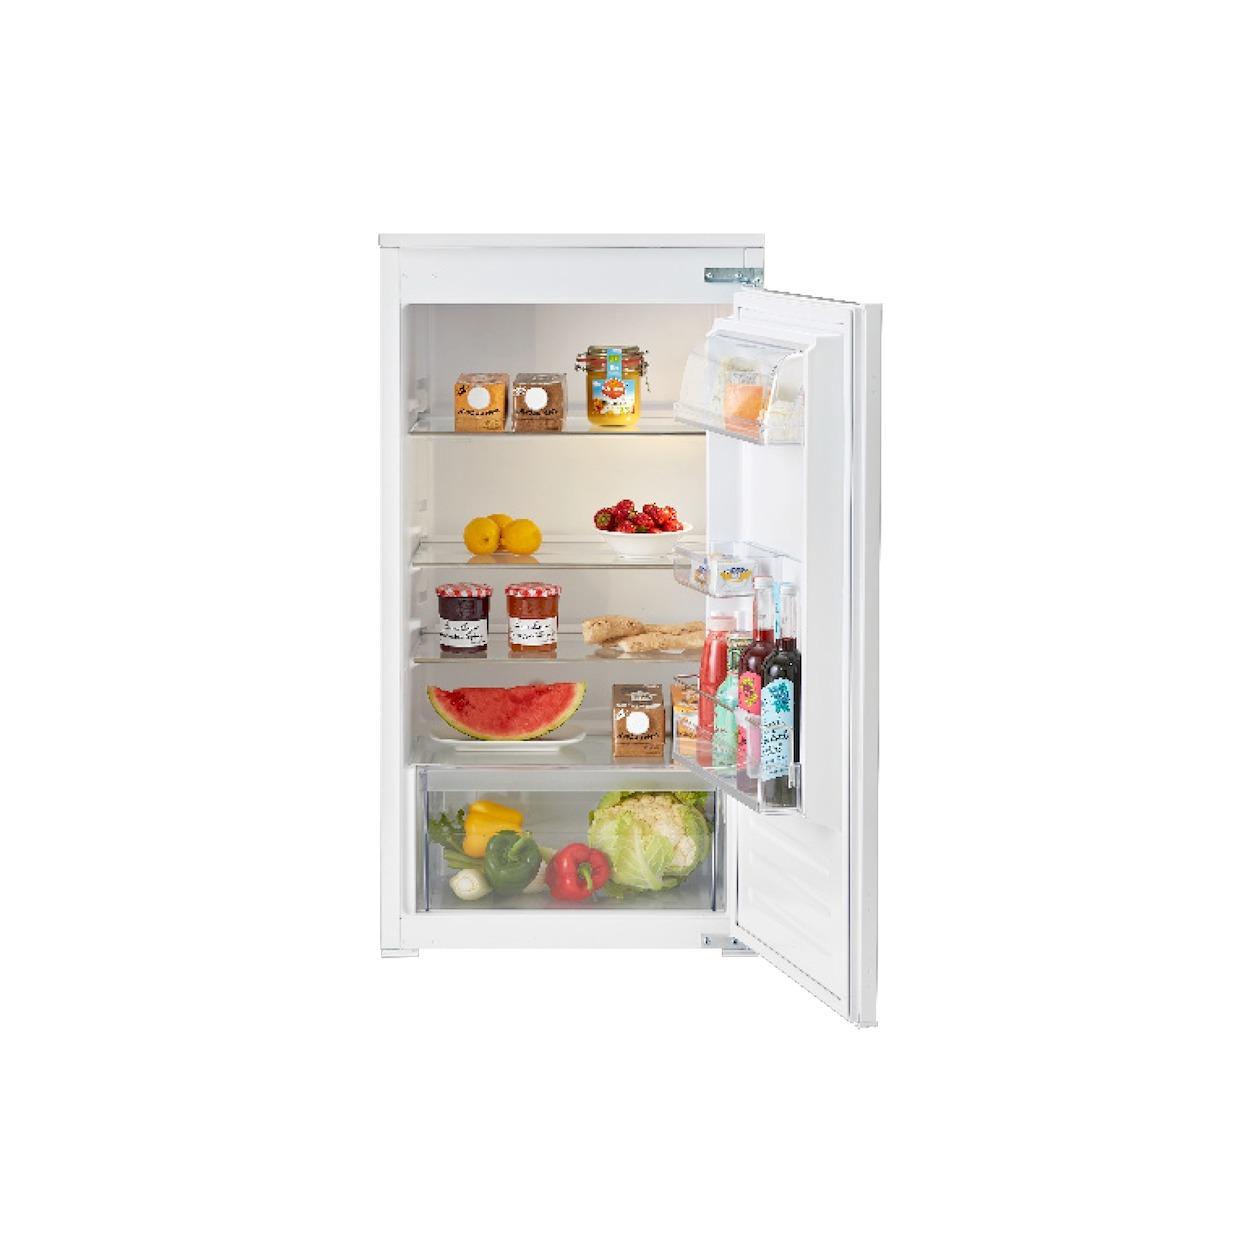 Atag inbouw koelkast KS32102A - Prijsvergelijk